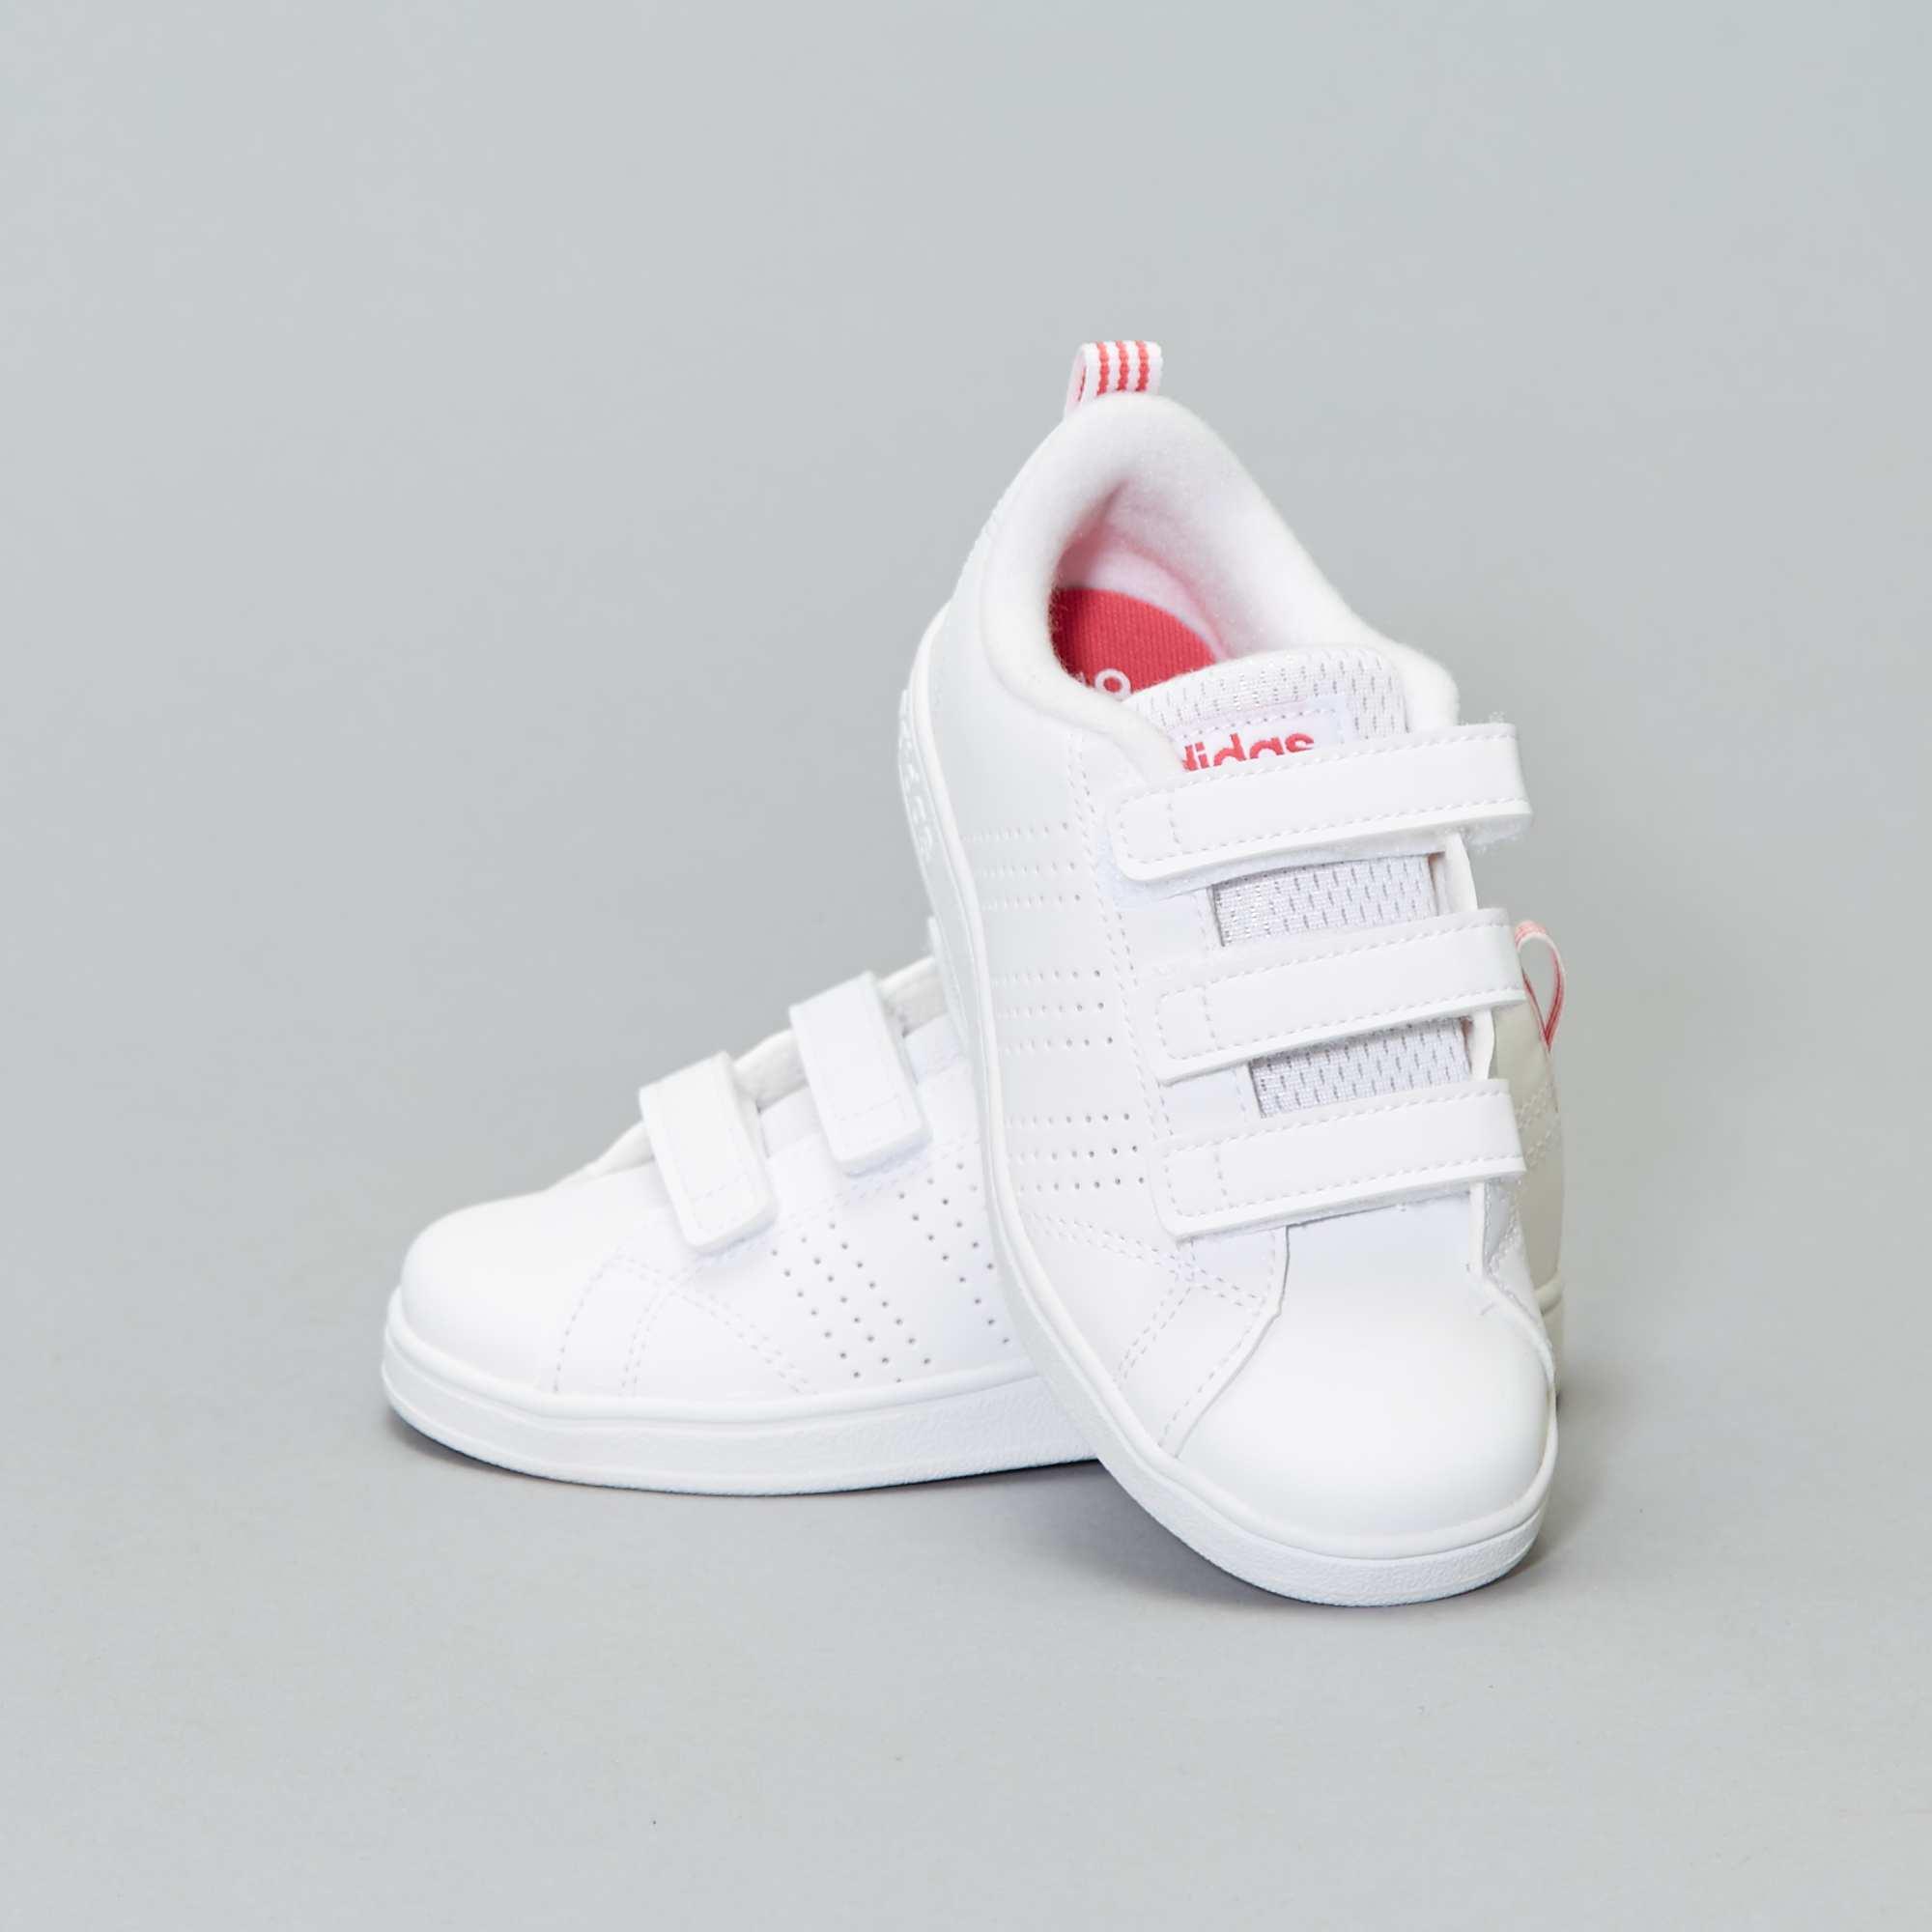 Couleur : BLANC, , ,, - Taille : 29, 30, 32,35,28La finesse et la robustesse vont de paire avec ces baskets 'Adidas' ! - Baskets